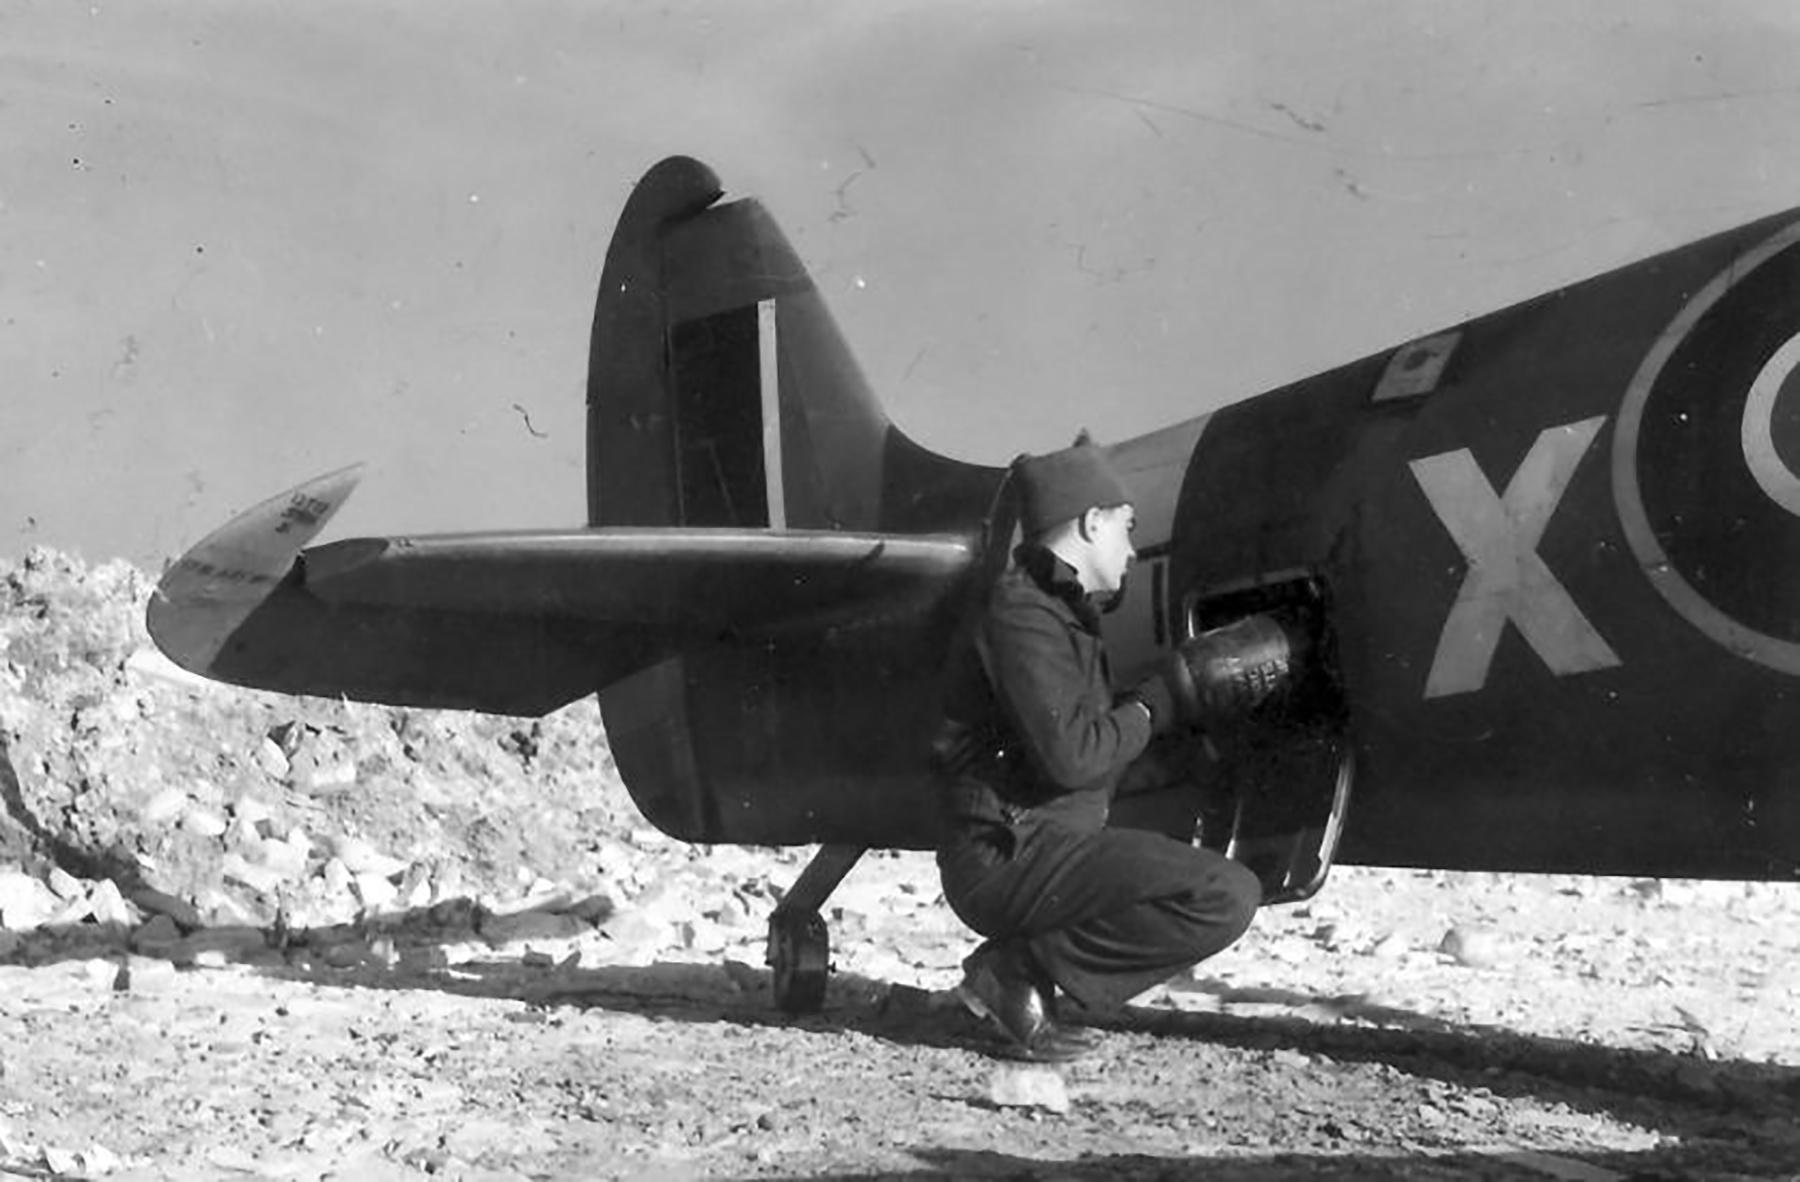 Spitfire LFIX SAAF 4Sqn KJX Italy 1945 01